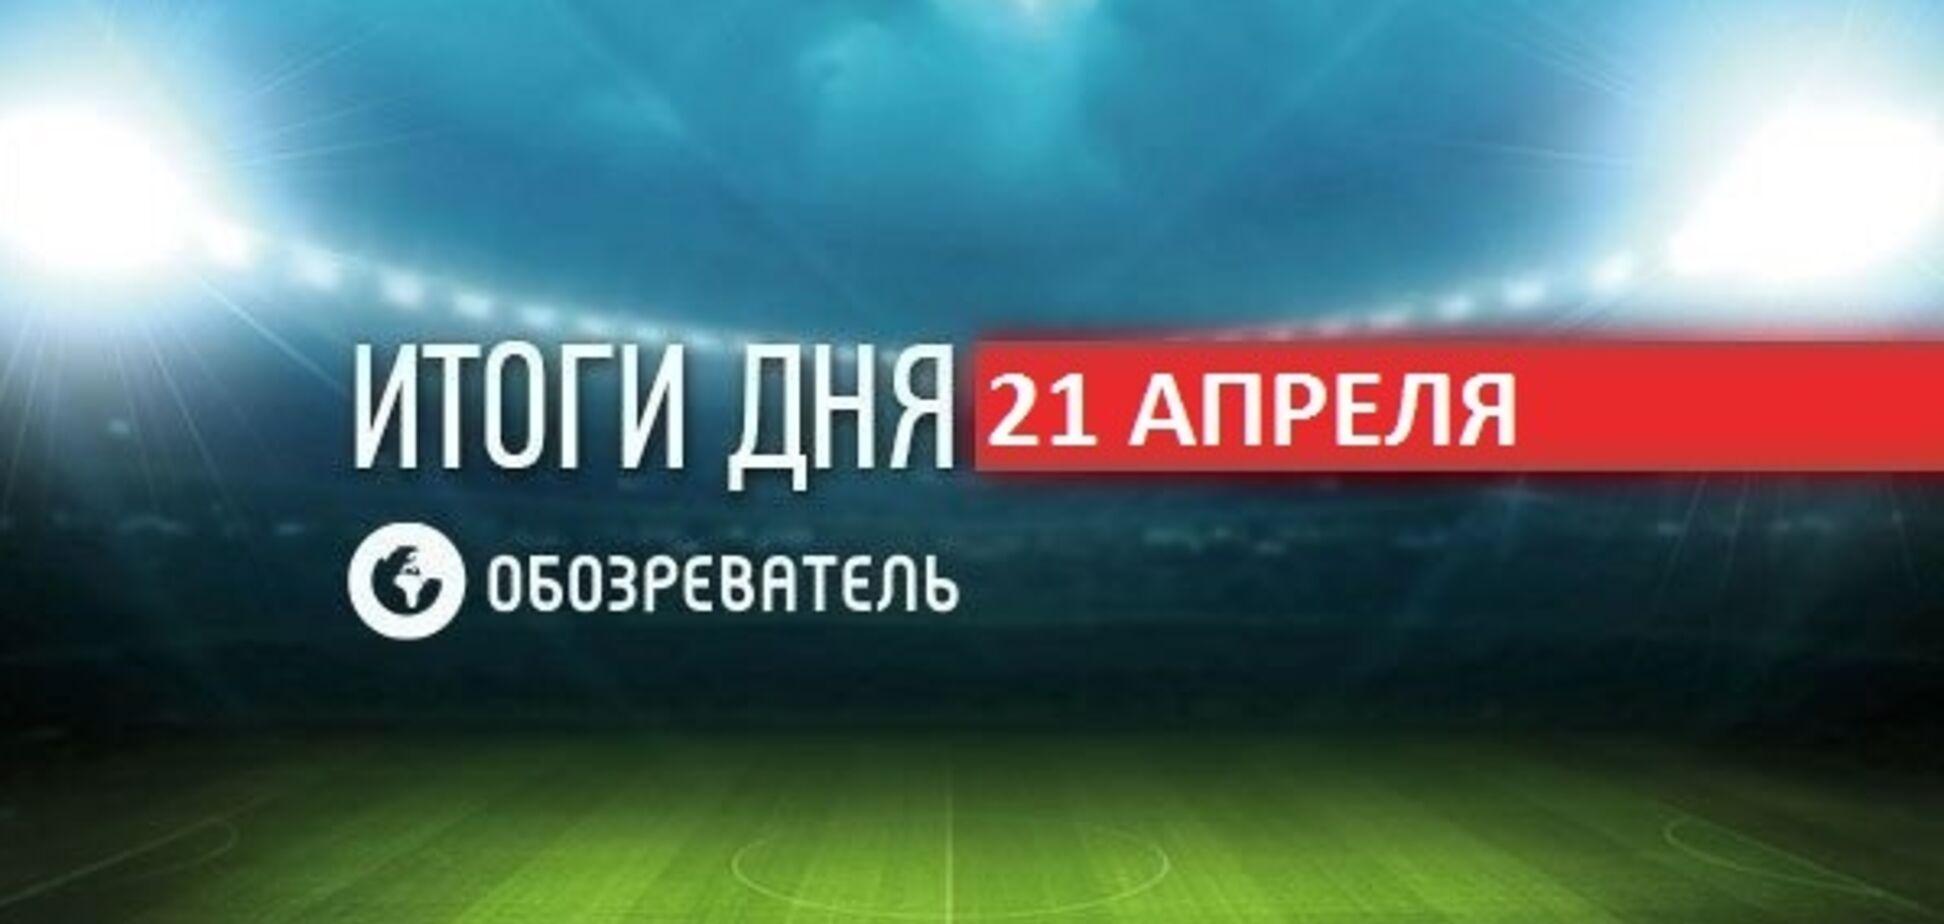 Кличко розповів, як 'потопив' брата у бою із Джошуа: спортивні підсумки 21 квітня